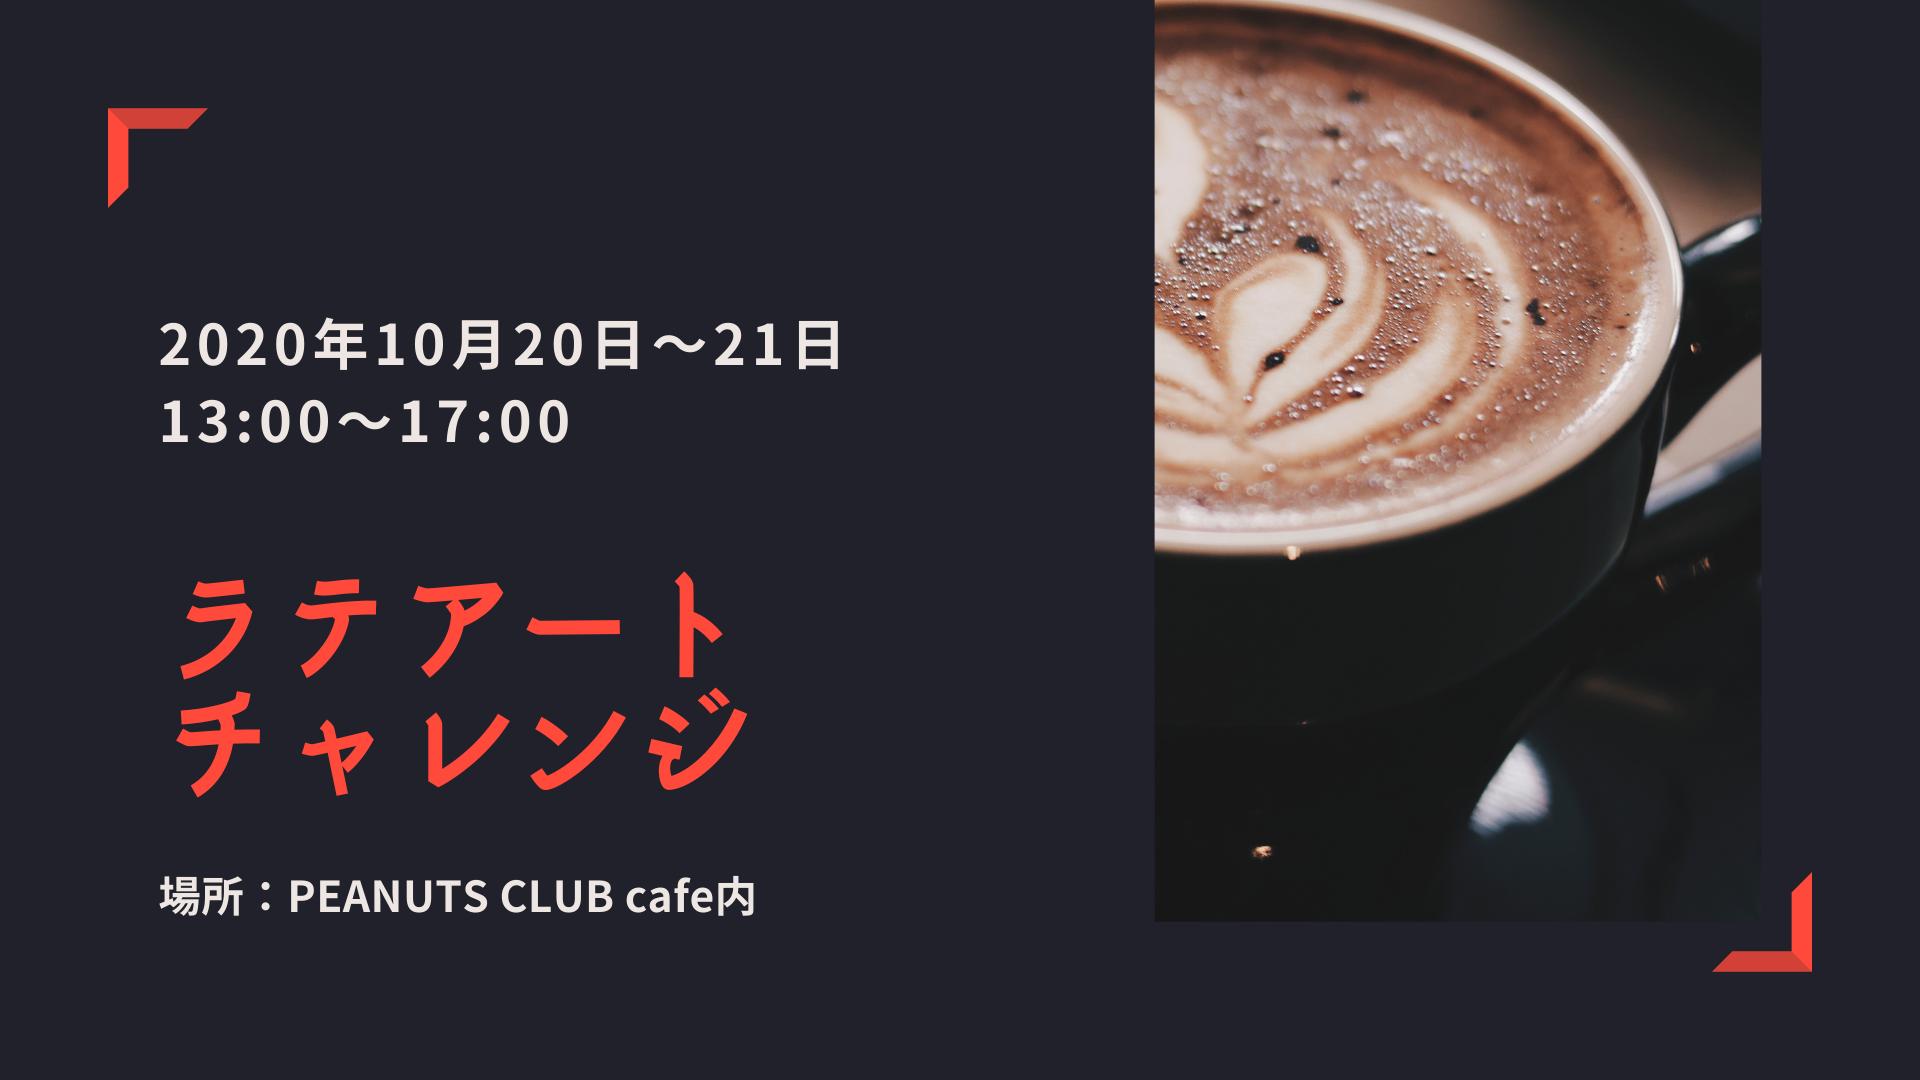 10/21 ラテアートチャレンジ